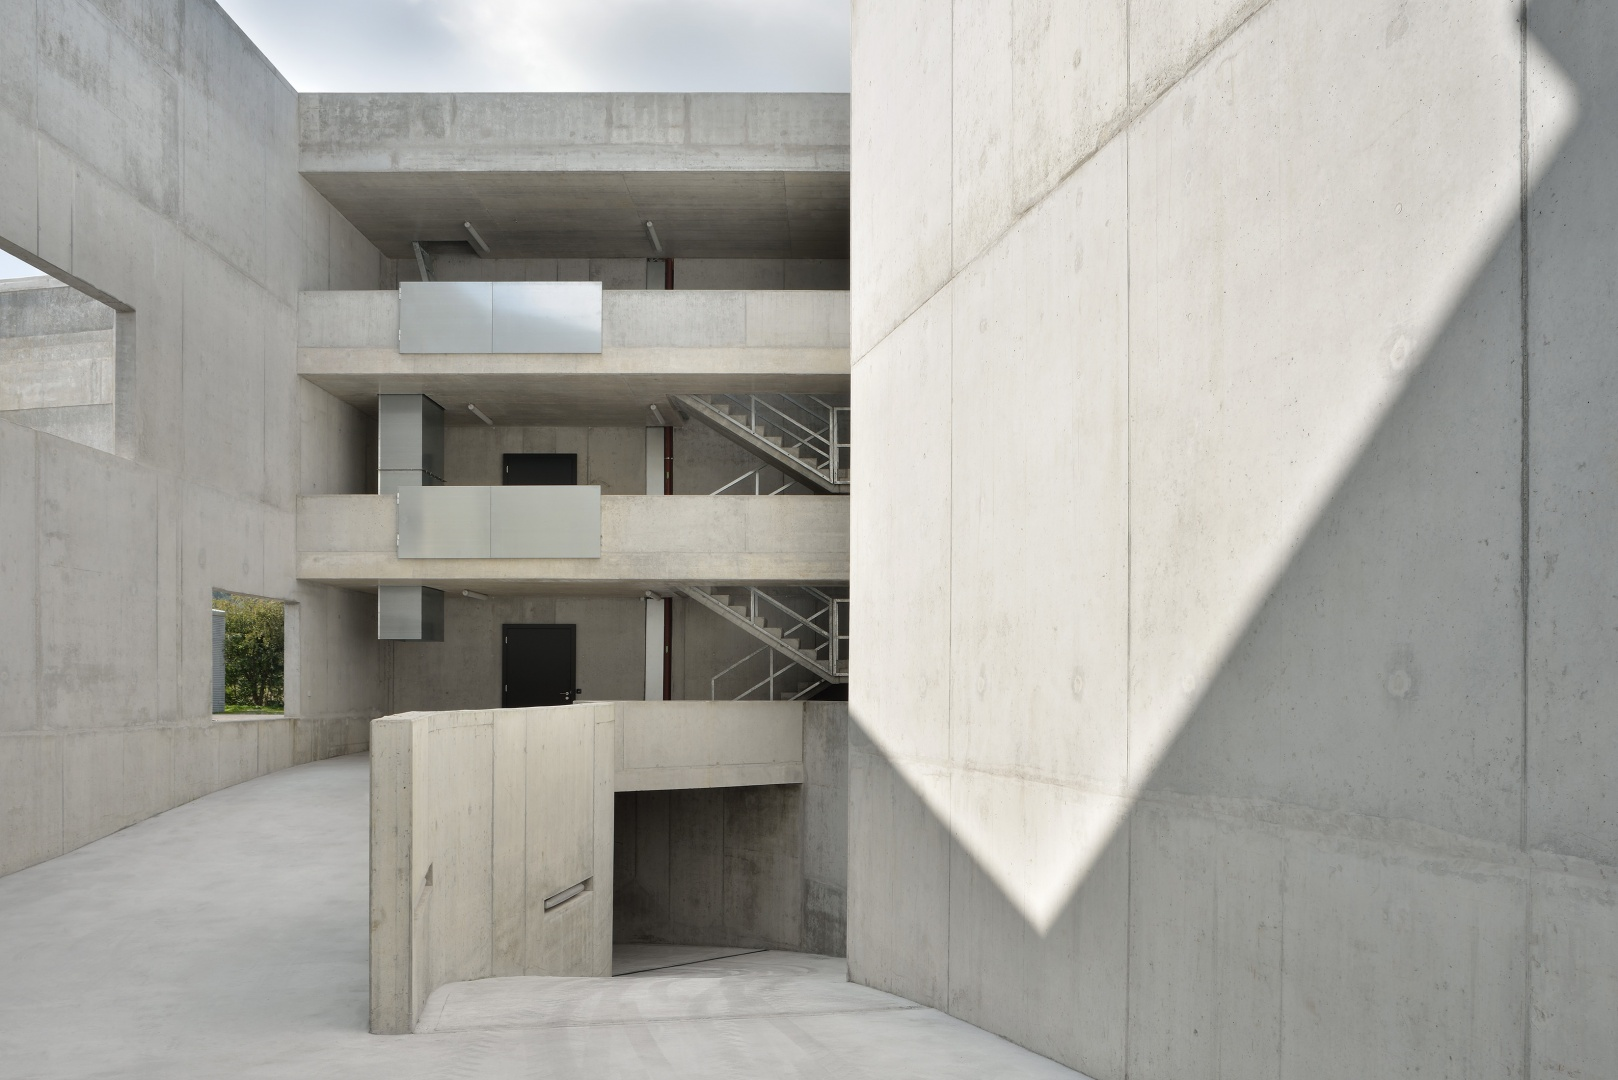 Beschickung © Atelier M Architekten, Bild Sabrina Scheja